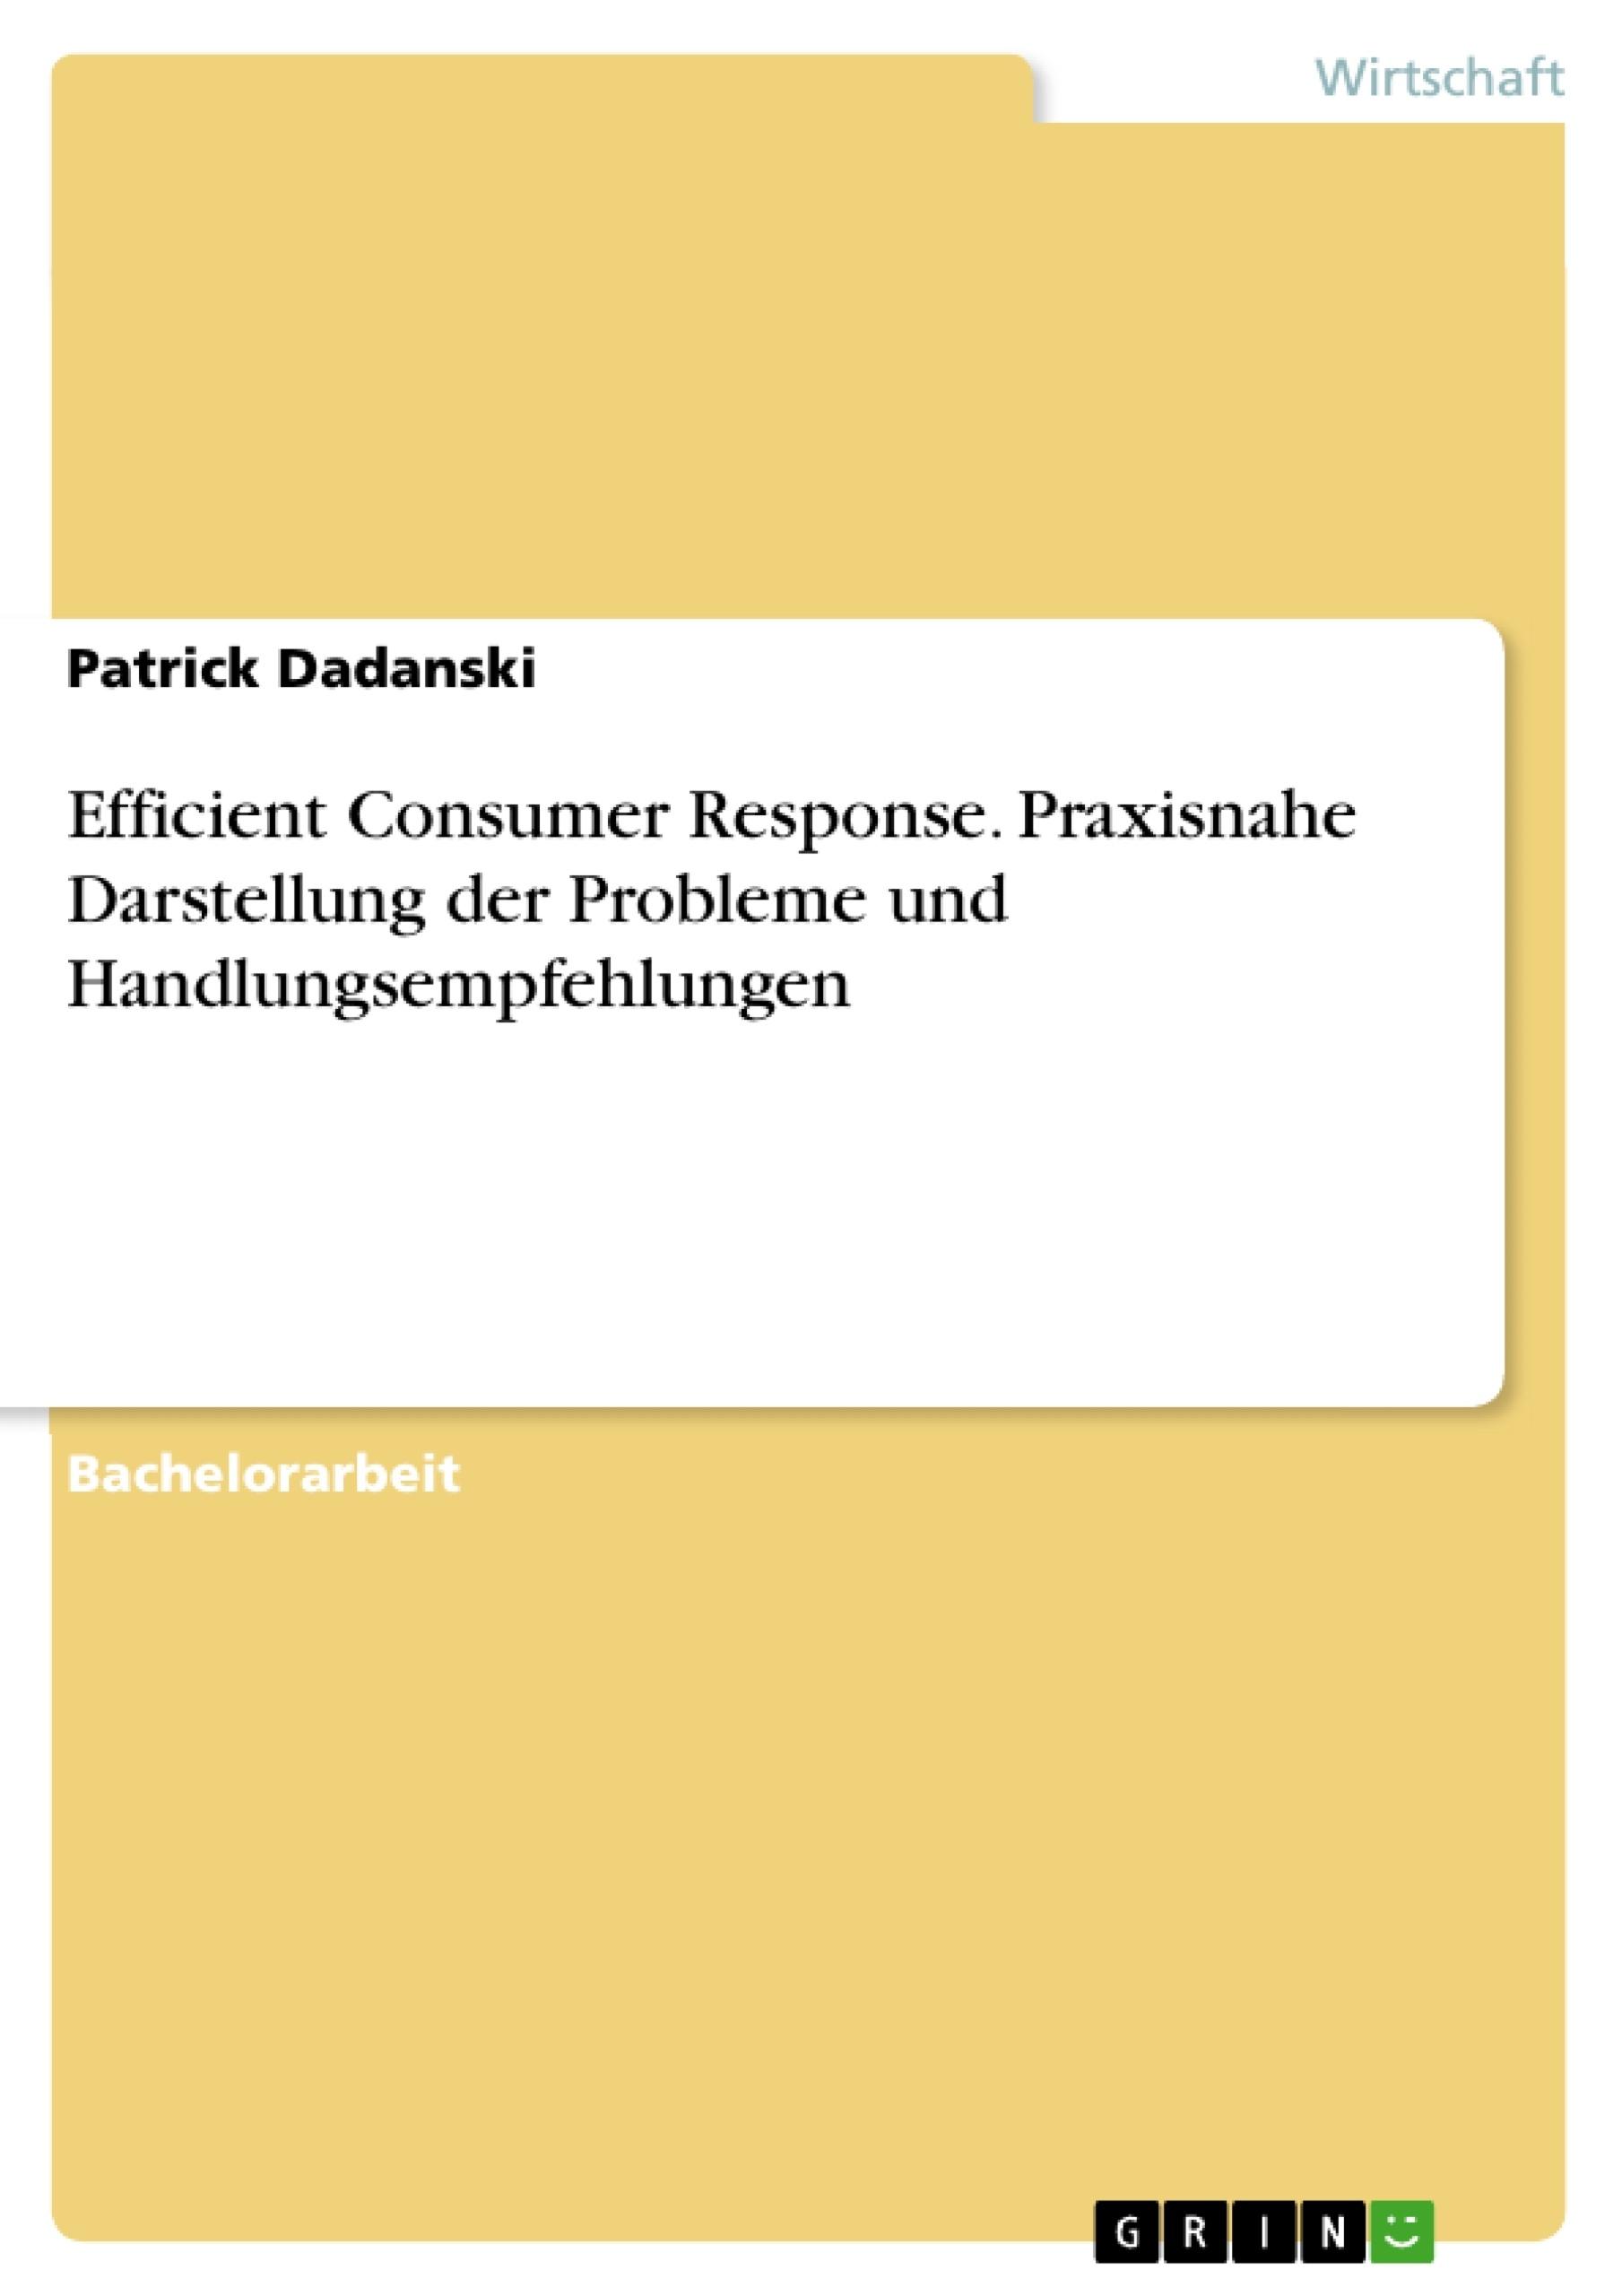 Titel: Efficient Consumer Response. Praxisnahe Darstellung der Probleme und Handlungsempfehlungen